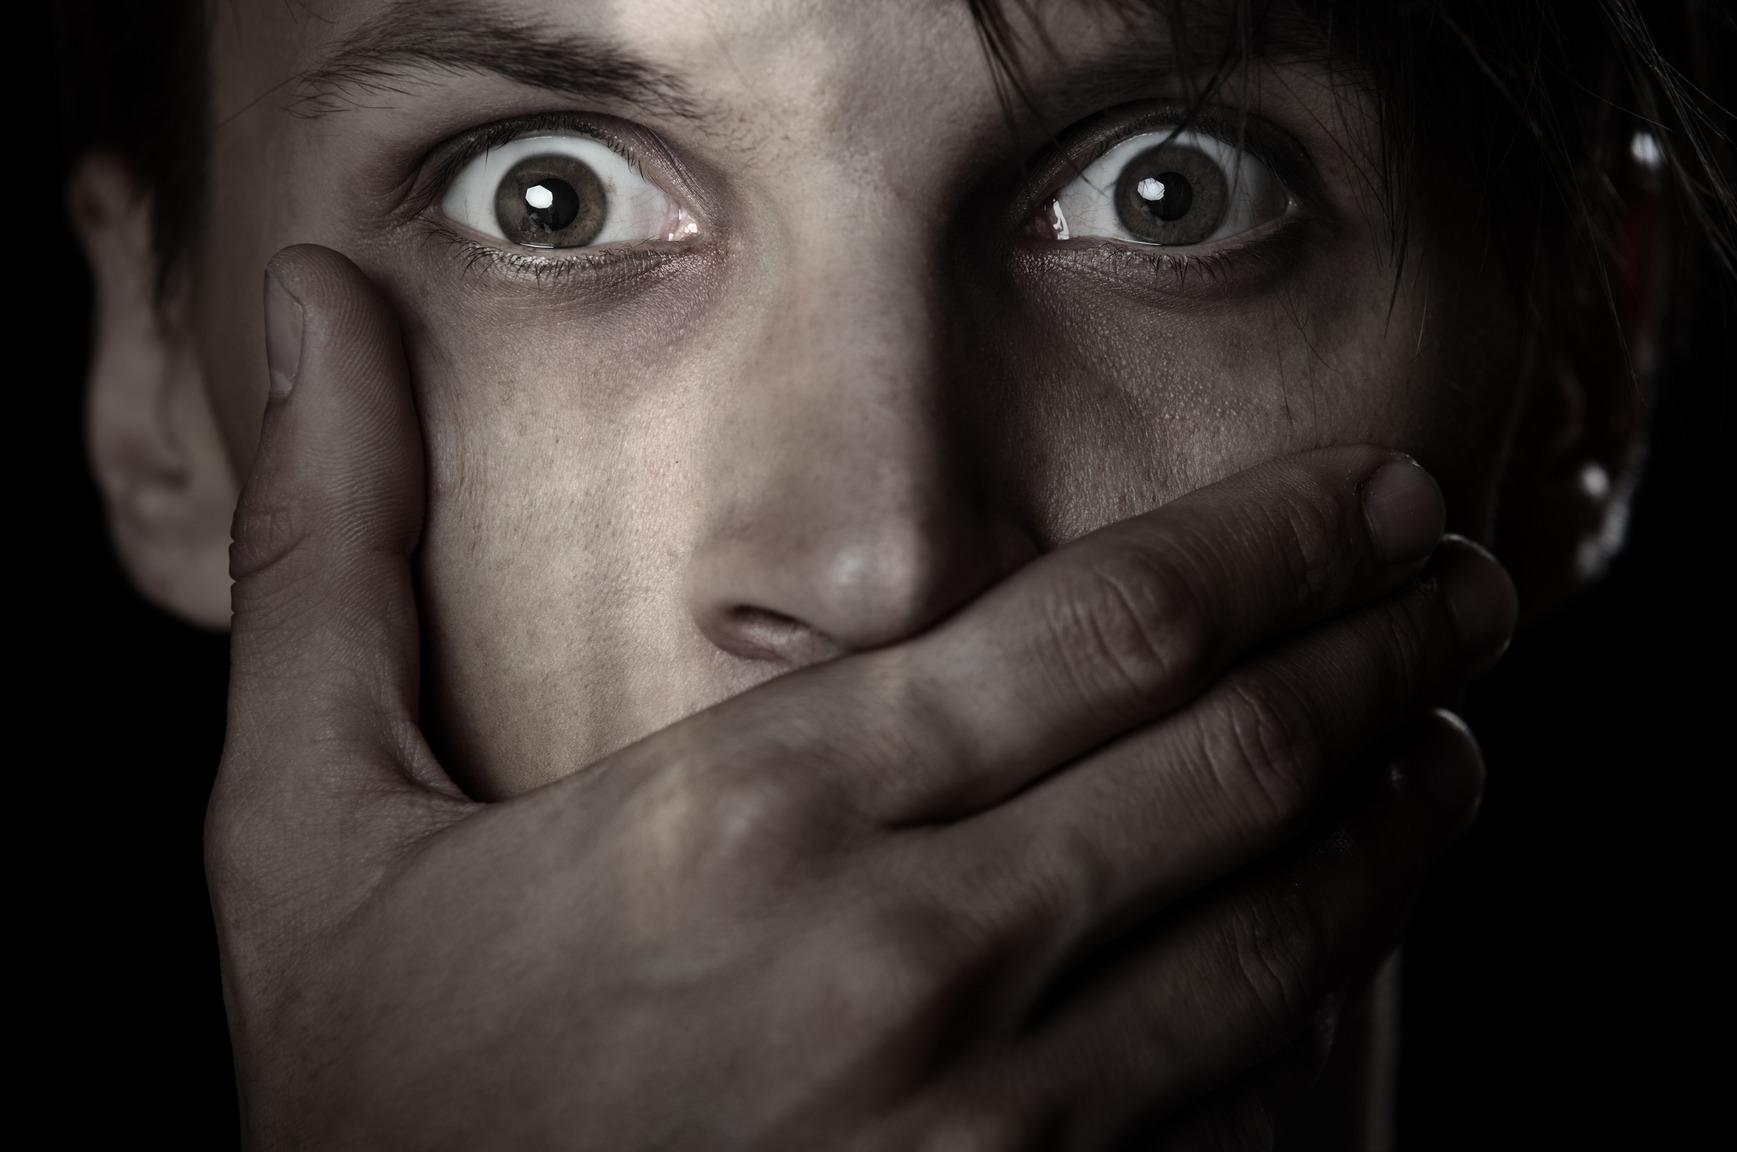 paura 1 - Sarà un'eterna paura